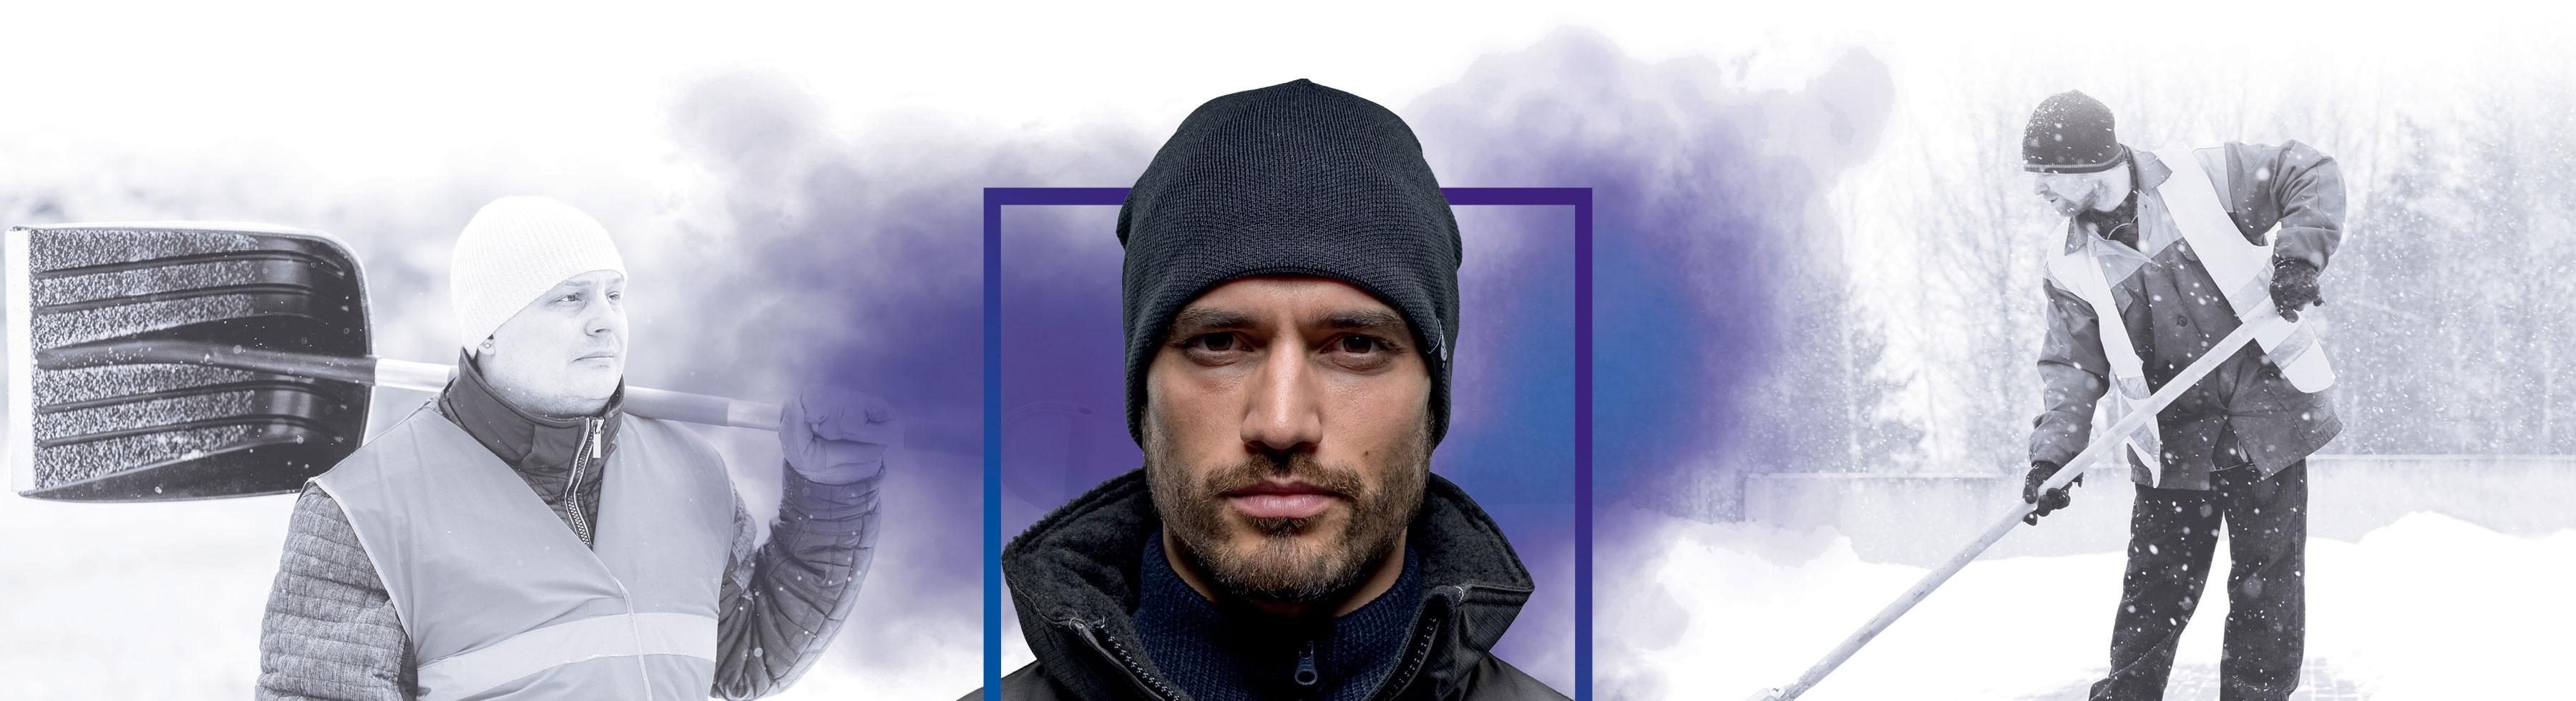 BUFF - Knitted and Polar hat - Hovedbeklædning - kasket - hat til industri og professionelle